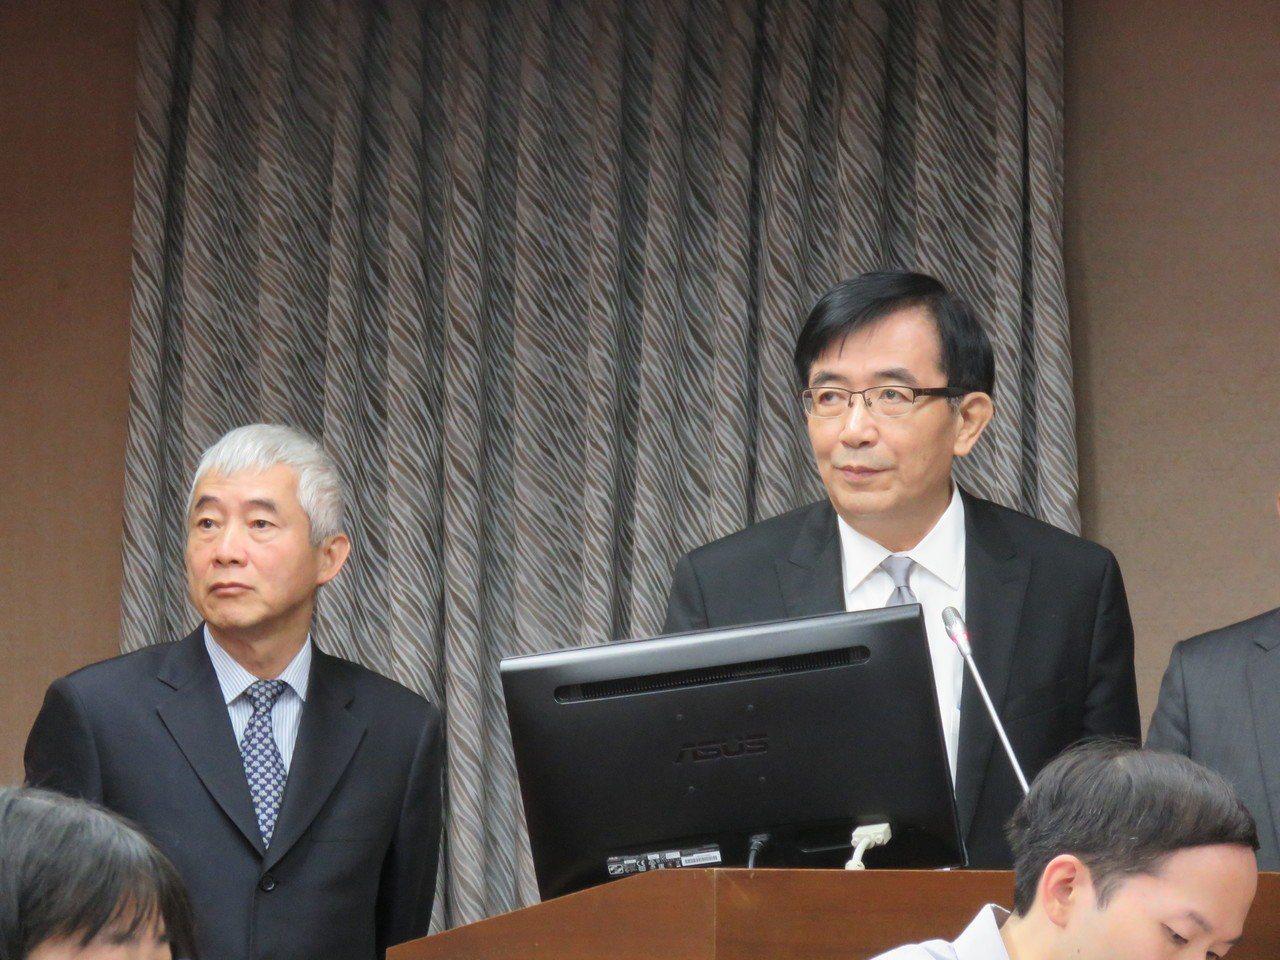 港務公司董事長吳宏謀(右)接替賀陳旦(左),擔任交通部長。記者雷光涵/攝影